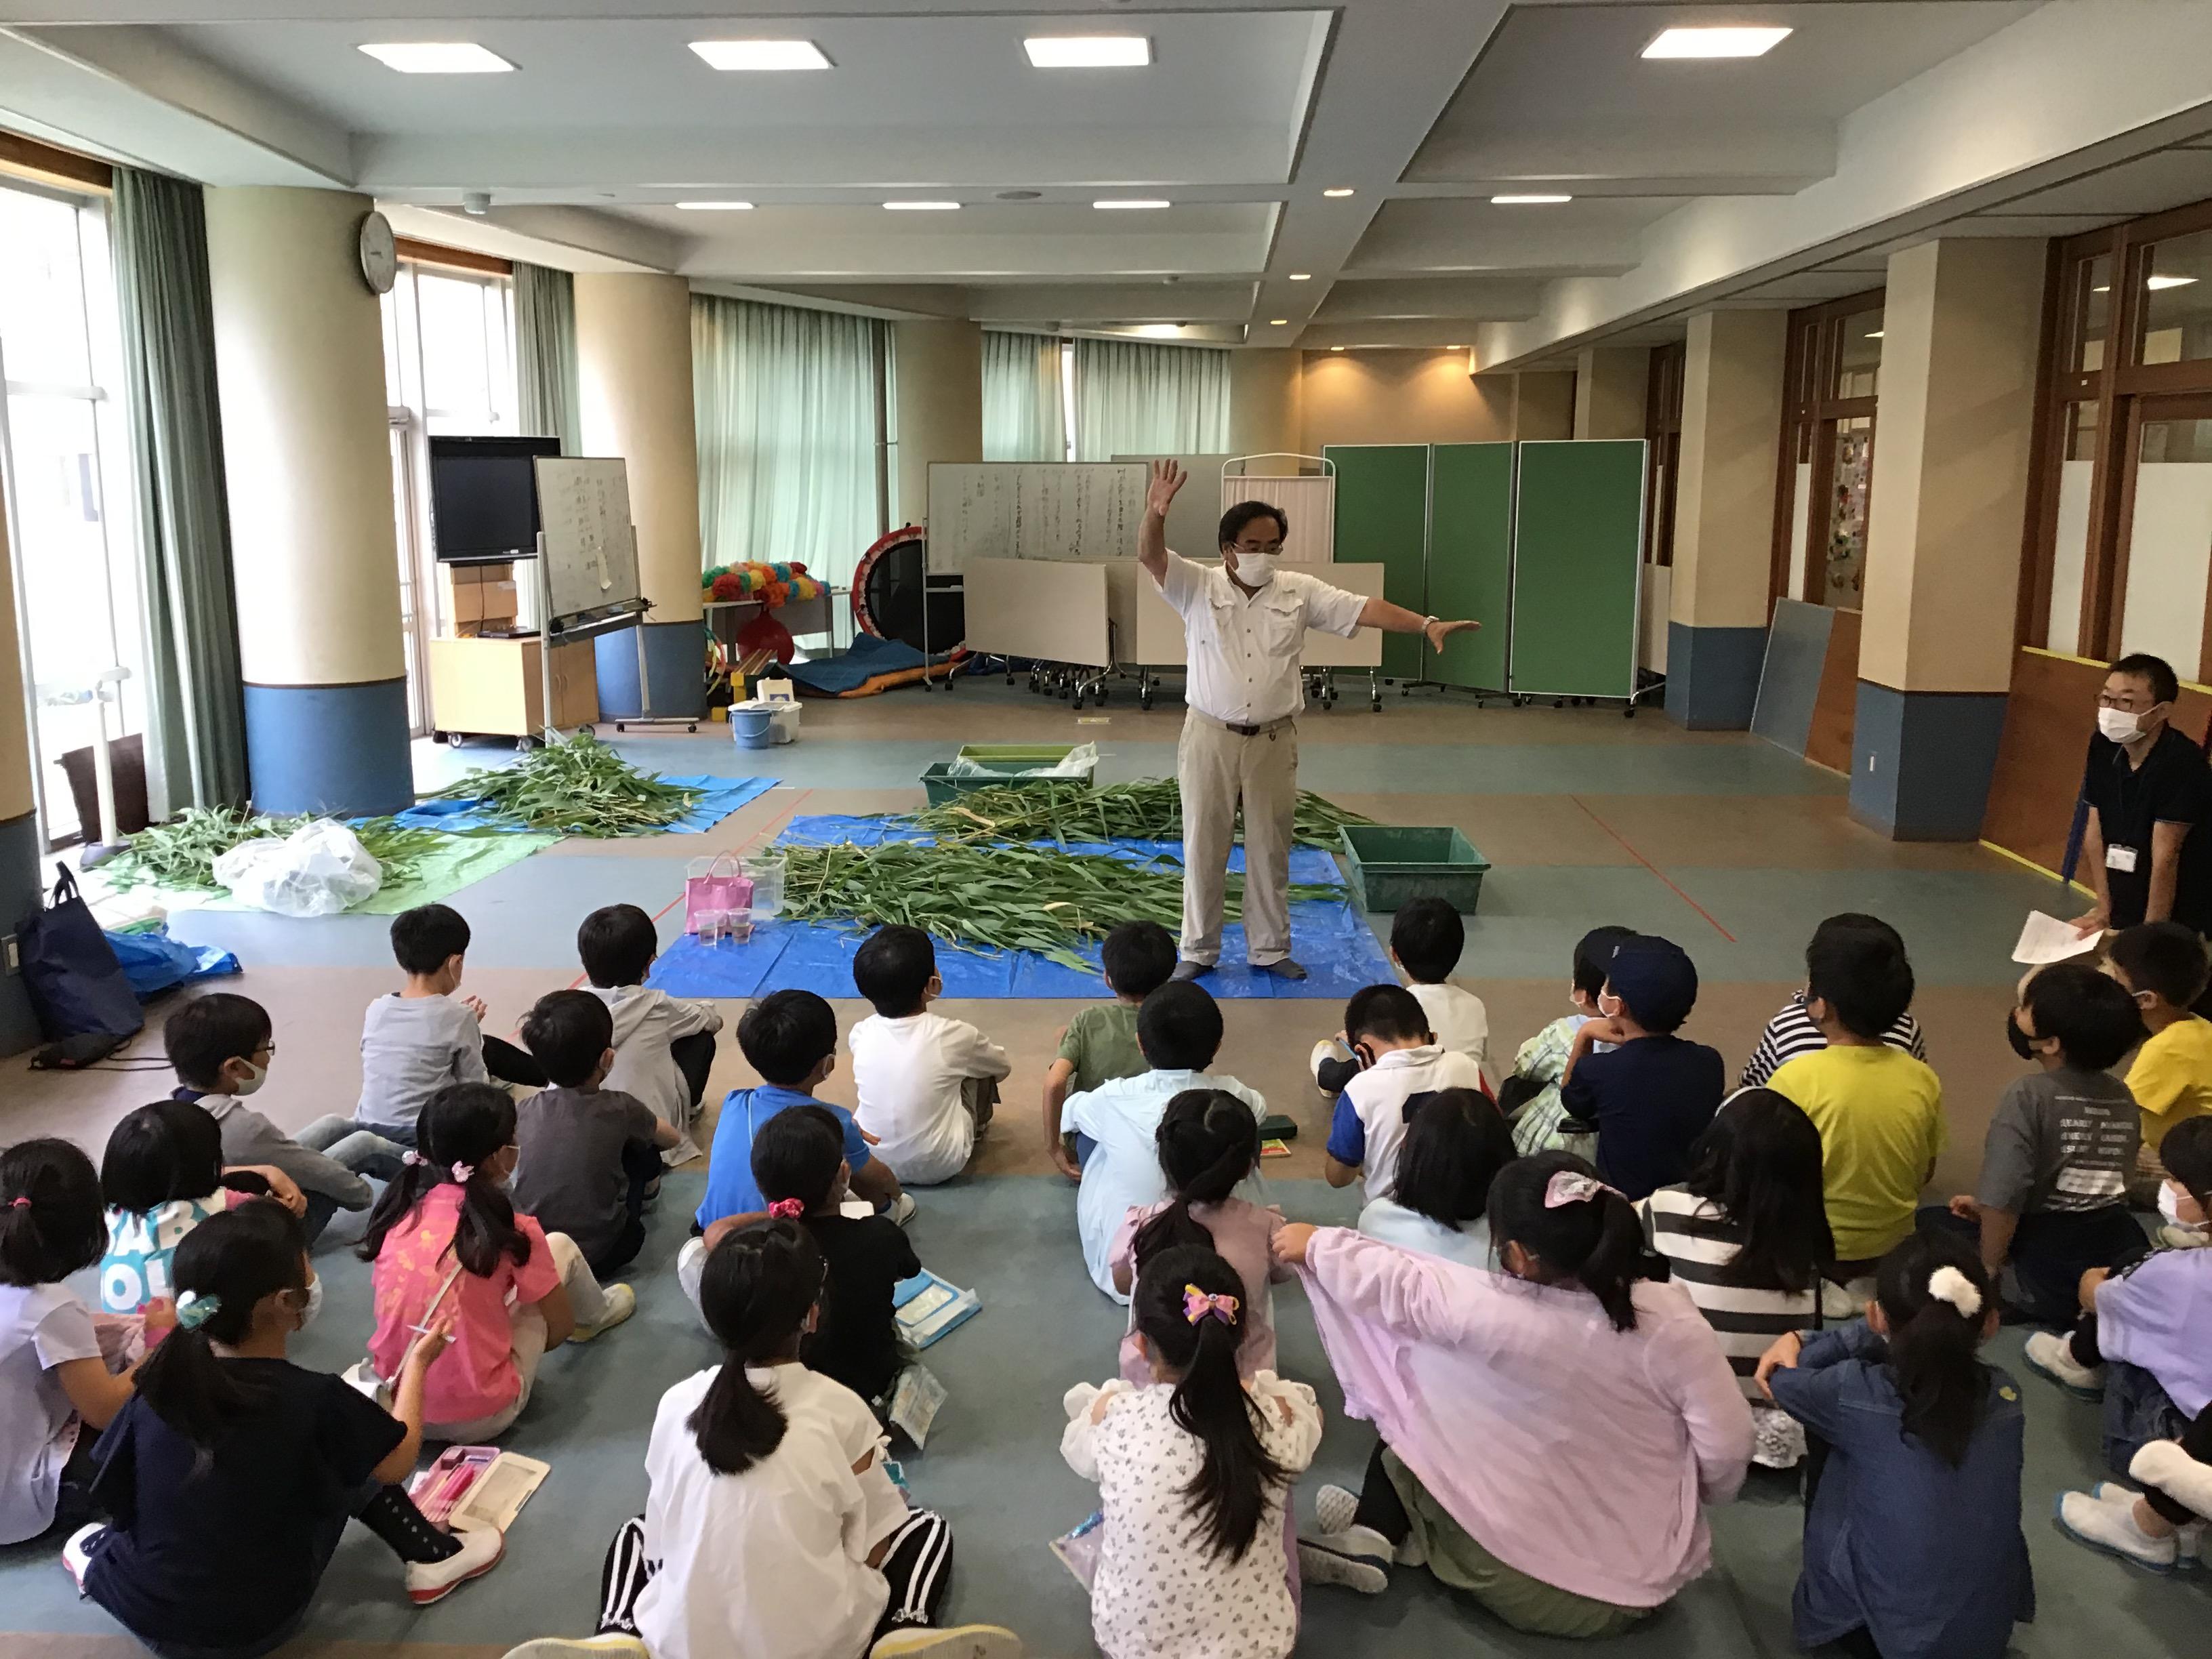 碓井先生がため池の植物について説明(足元の葦は、その後、子供たちが葦笛作りで大はしゃぎ\(^o^)/)吹けなかった子は残念。